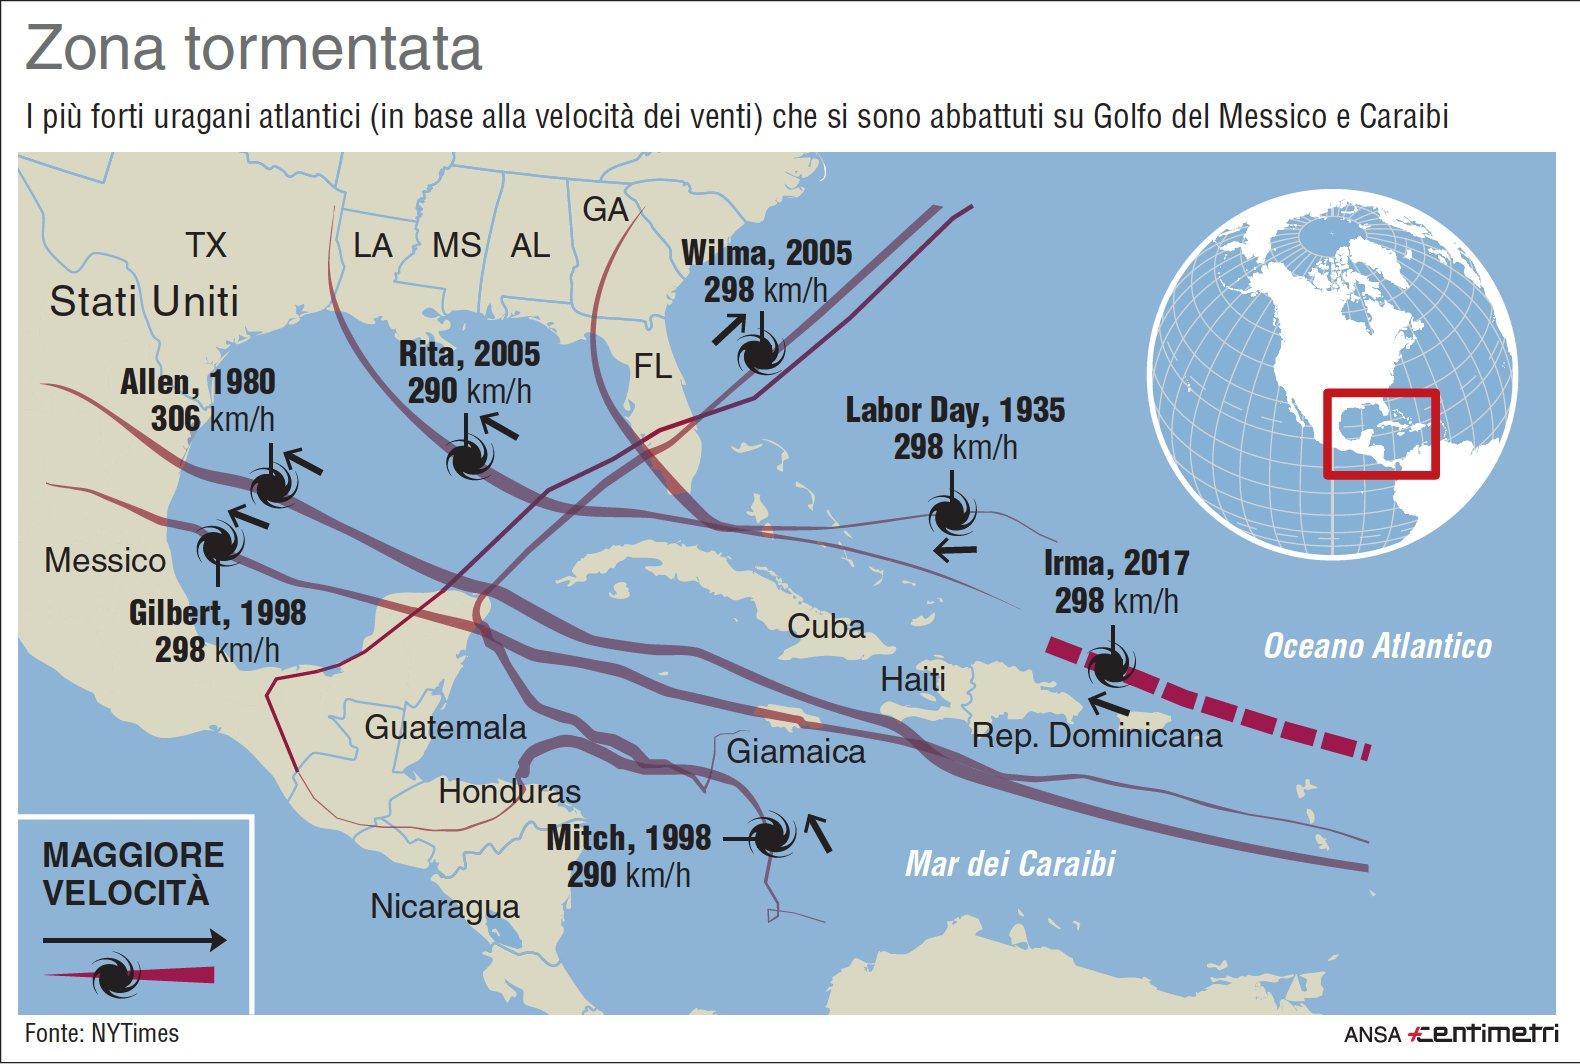 Il confronto tra Irma e i più forti uragani dei Caraibi